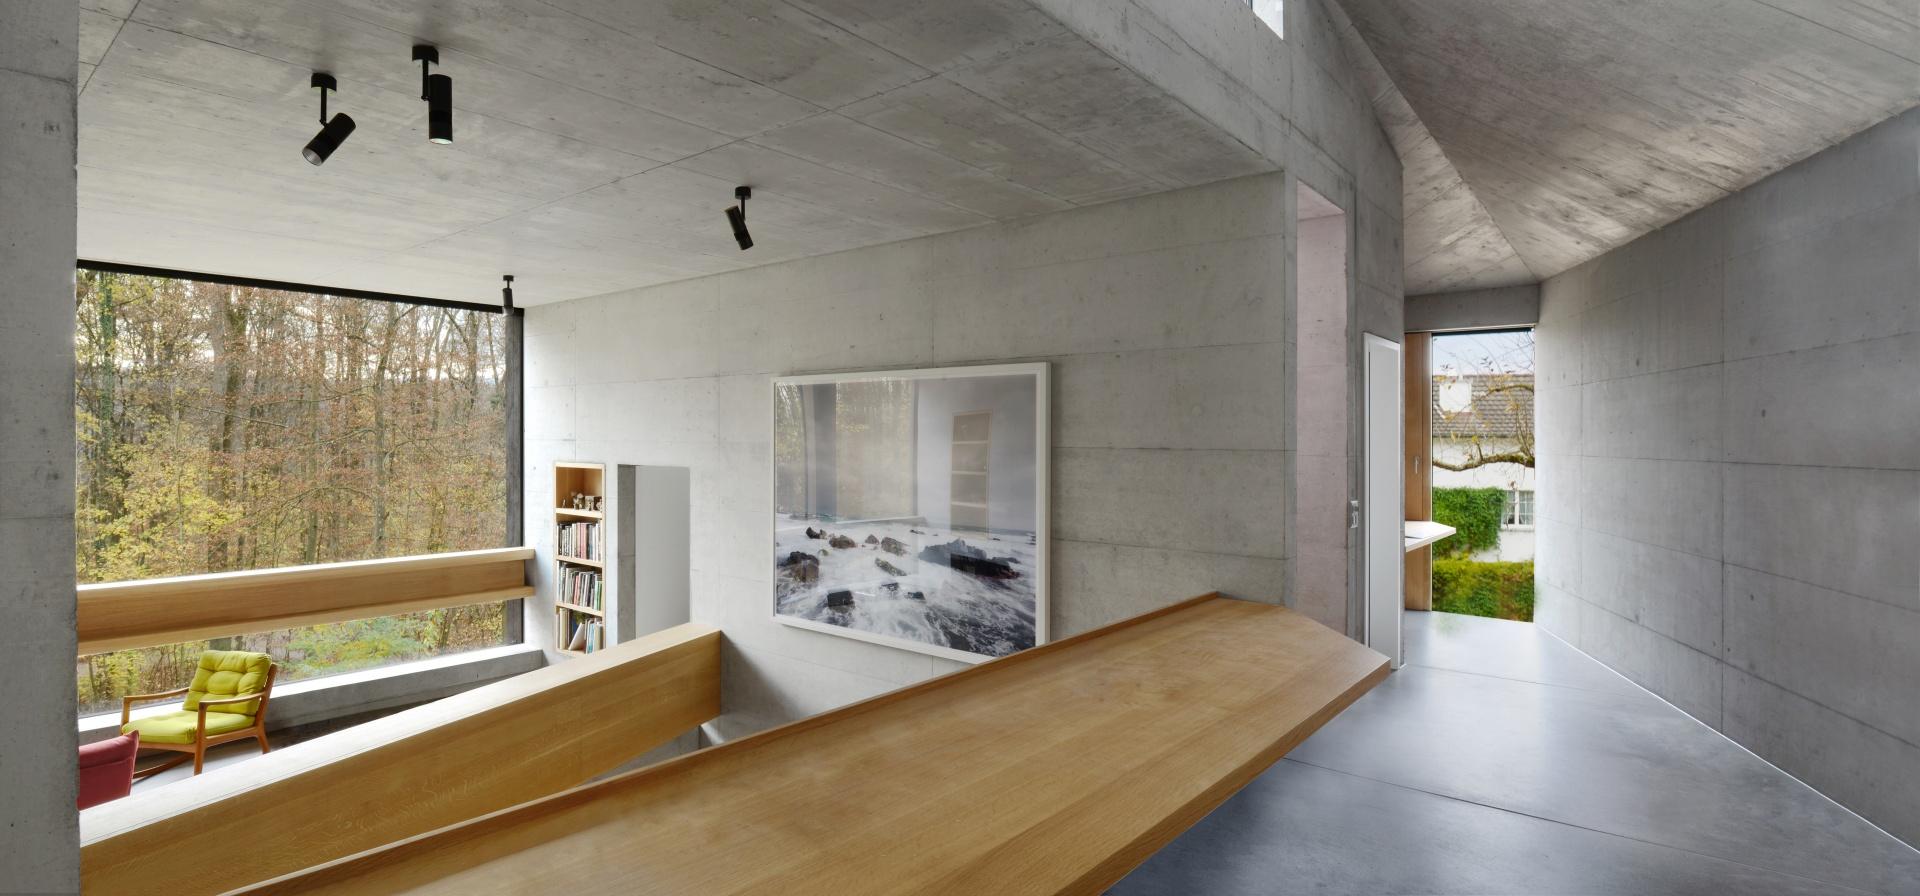 Büro_Wohnen © Daluz Gonzalez Architekten